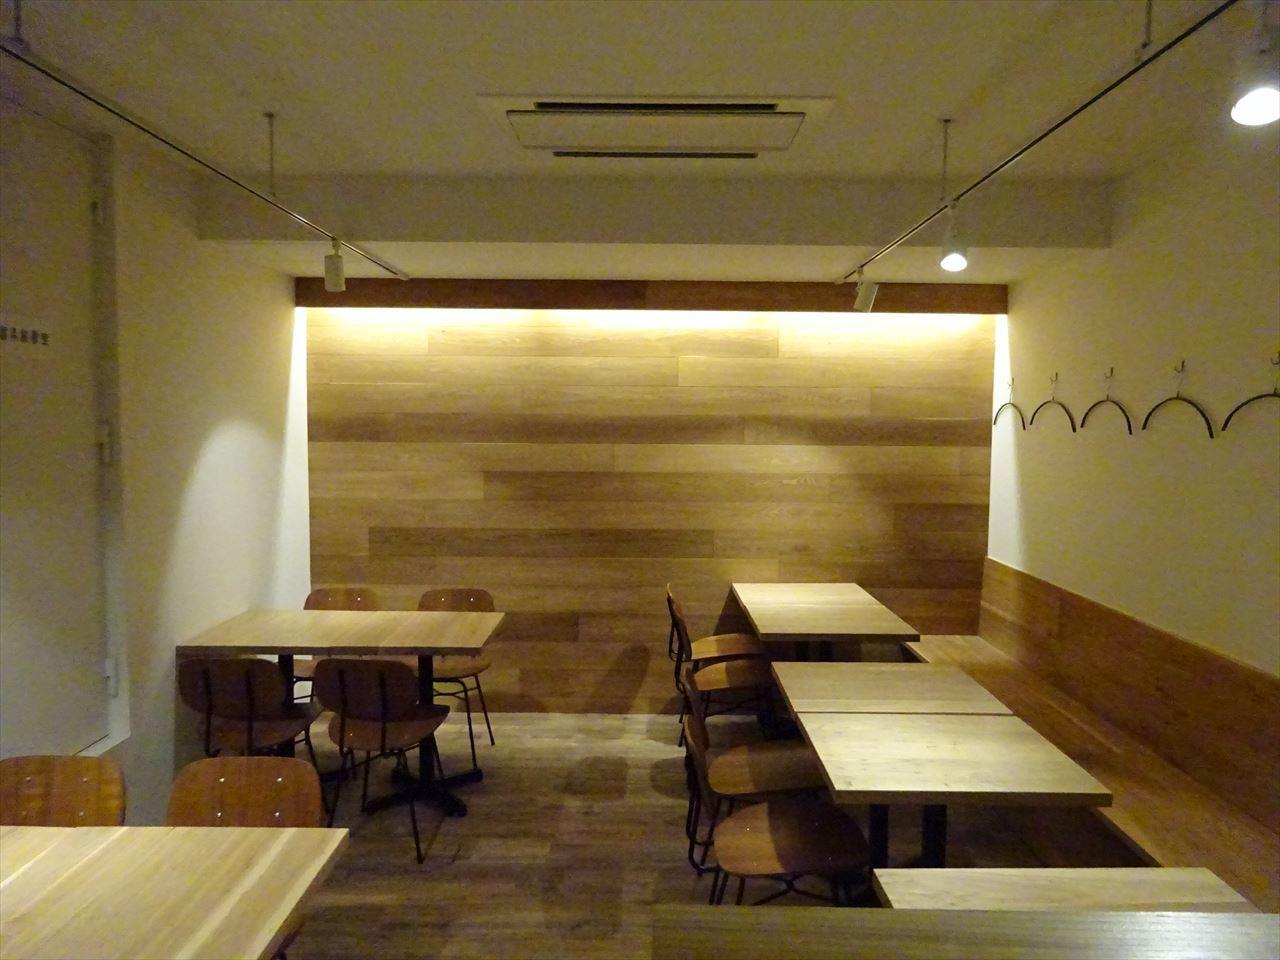 ベアレン醸造所様 駅前新店舗開店工事 工事完了へ!_f0105112_06454794.jpg